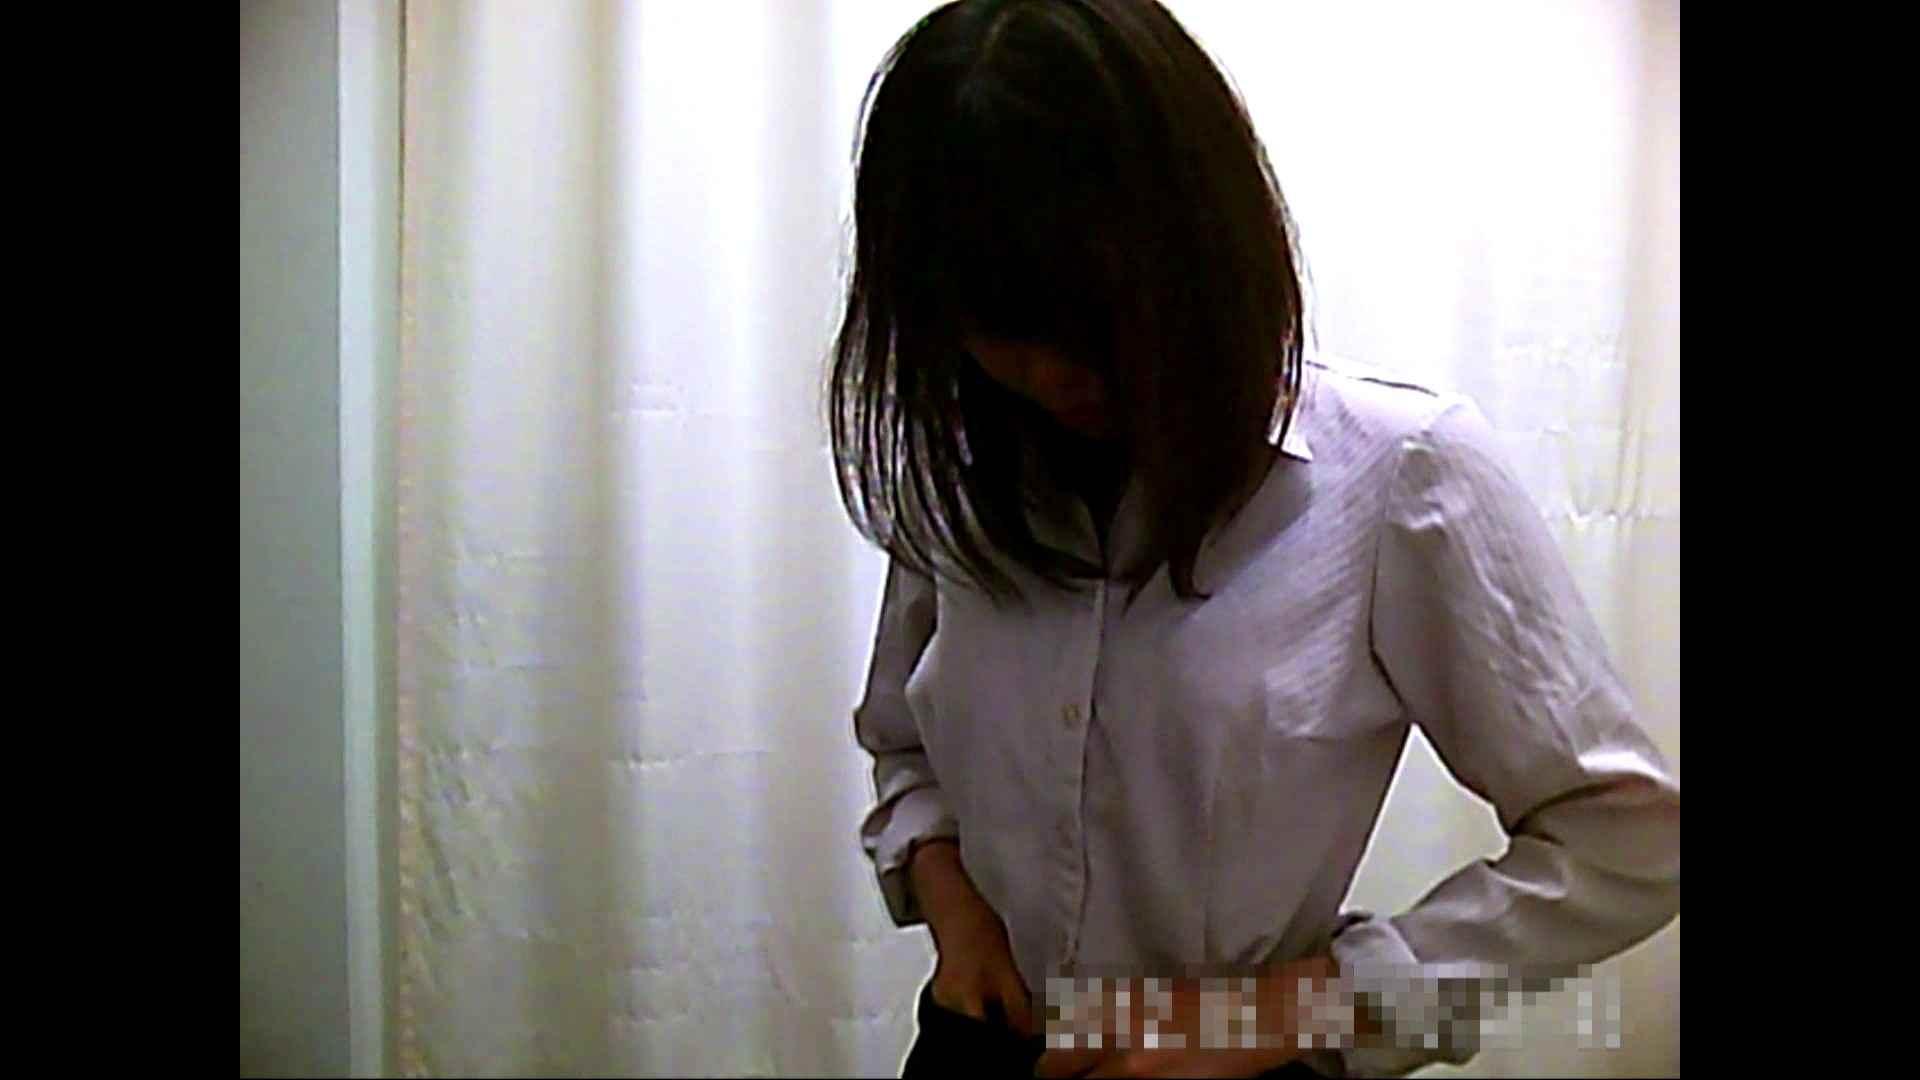 元医者による反抗 更衣室地獄絵巻 vol.267 OLハメ撮り  81Pix 33